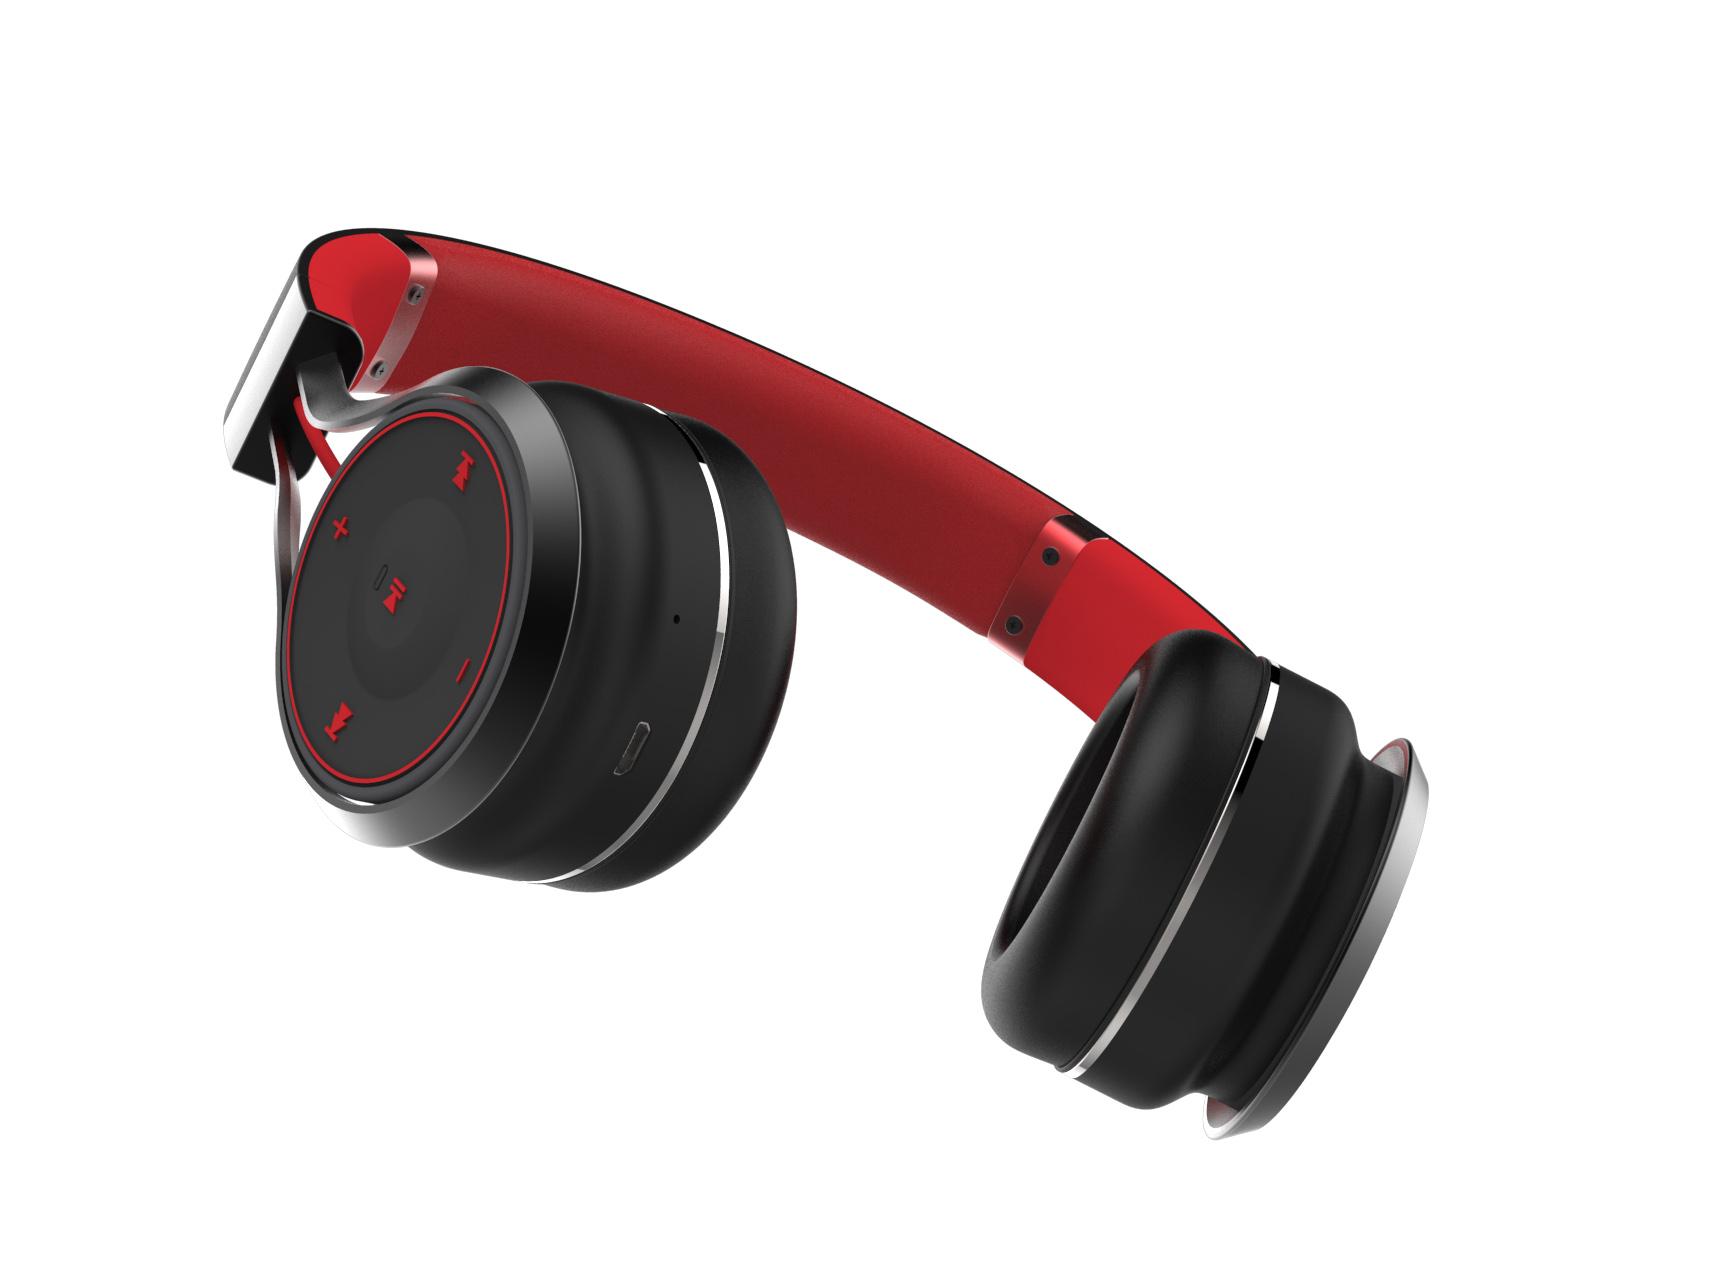 f6-mini red+black-5